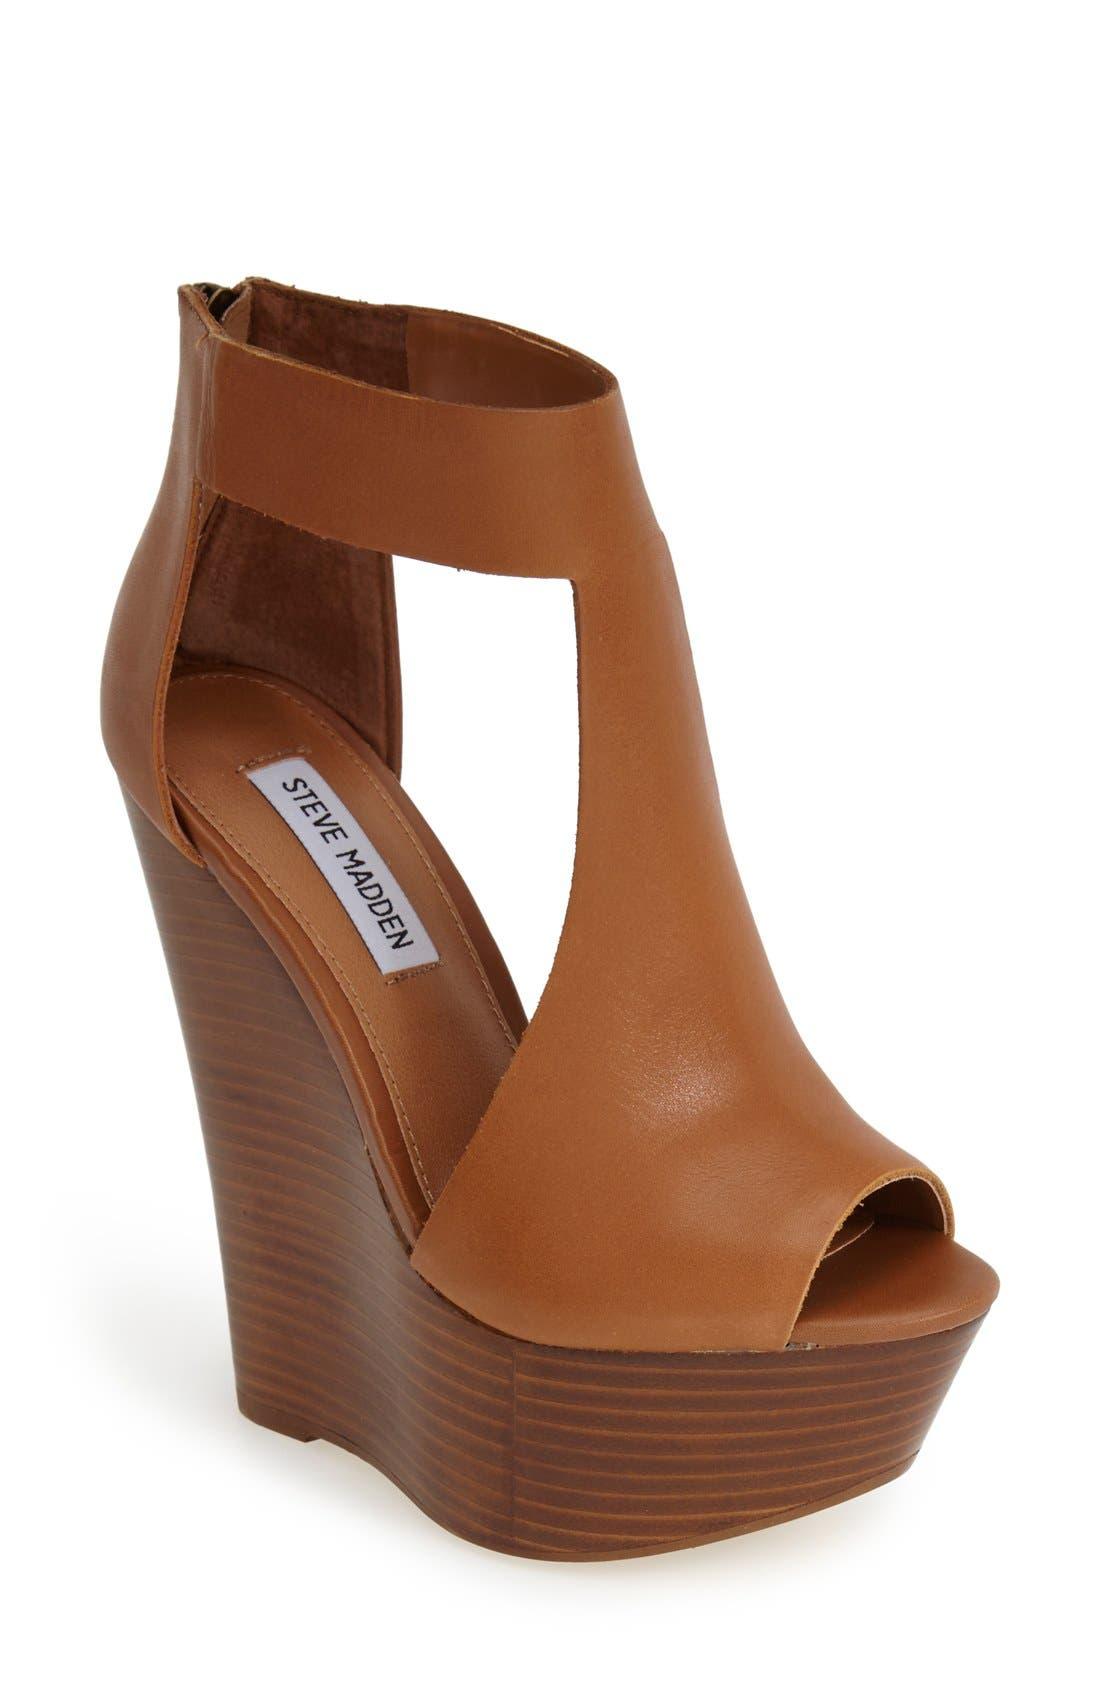 Alternate Image 1 Selected - Steve Madden 'Gunnther' Platform Wedge Sandal (Women)